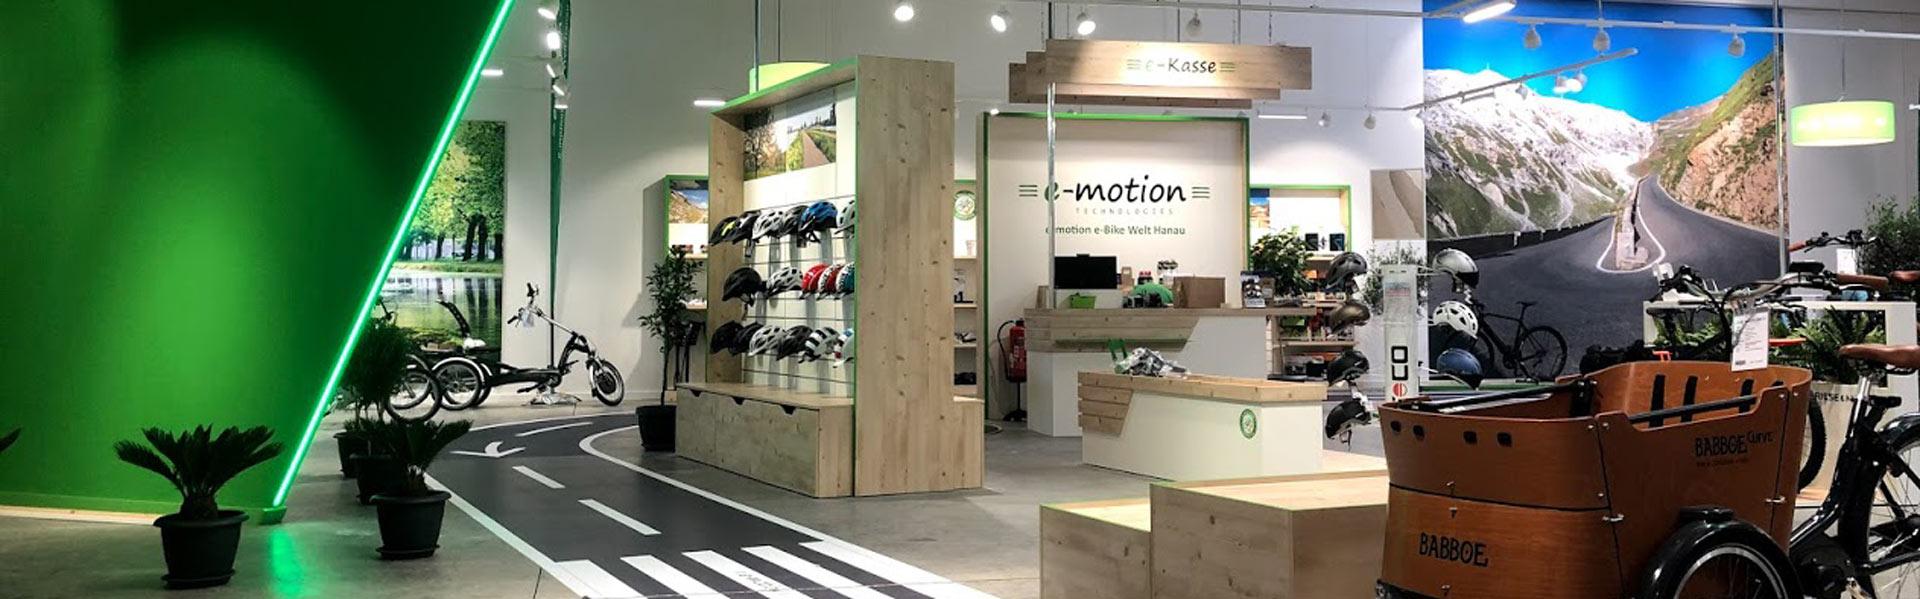 Innenansicht des e-motion Shops Hanau mit Teststrecke